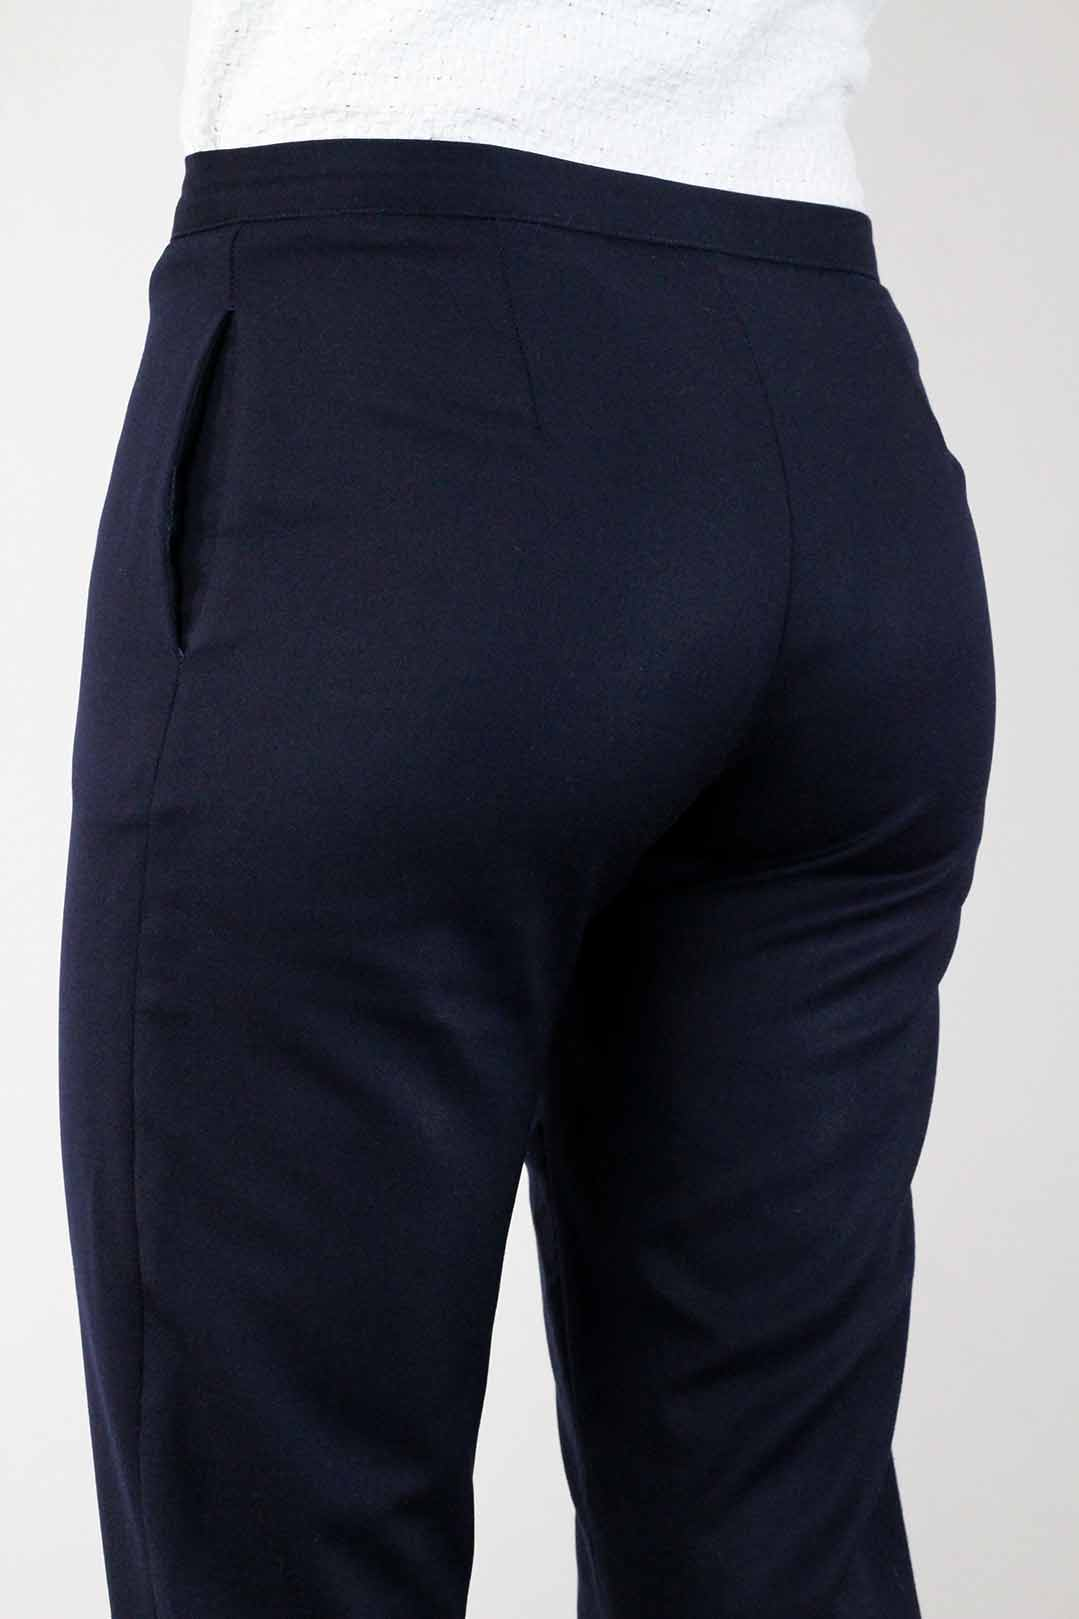 pantalon bleu marine femme droit en laine made in france. Black Bedroom Furniture Sets. Home Design Ideas